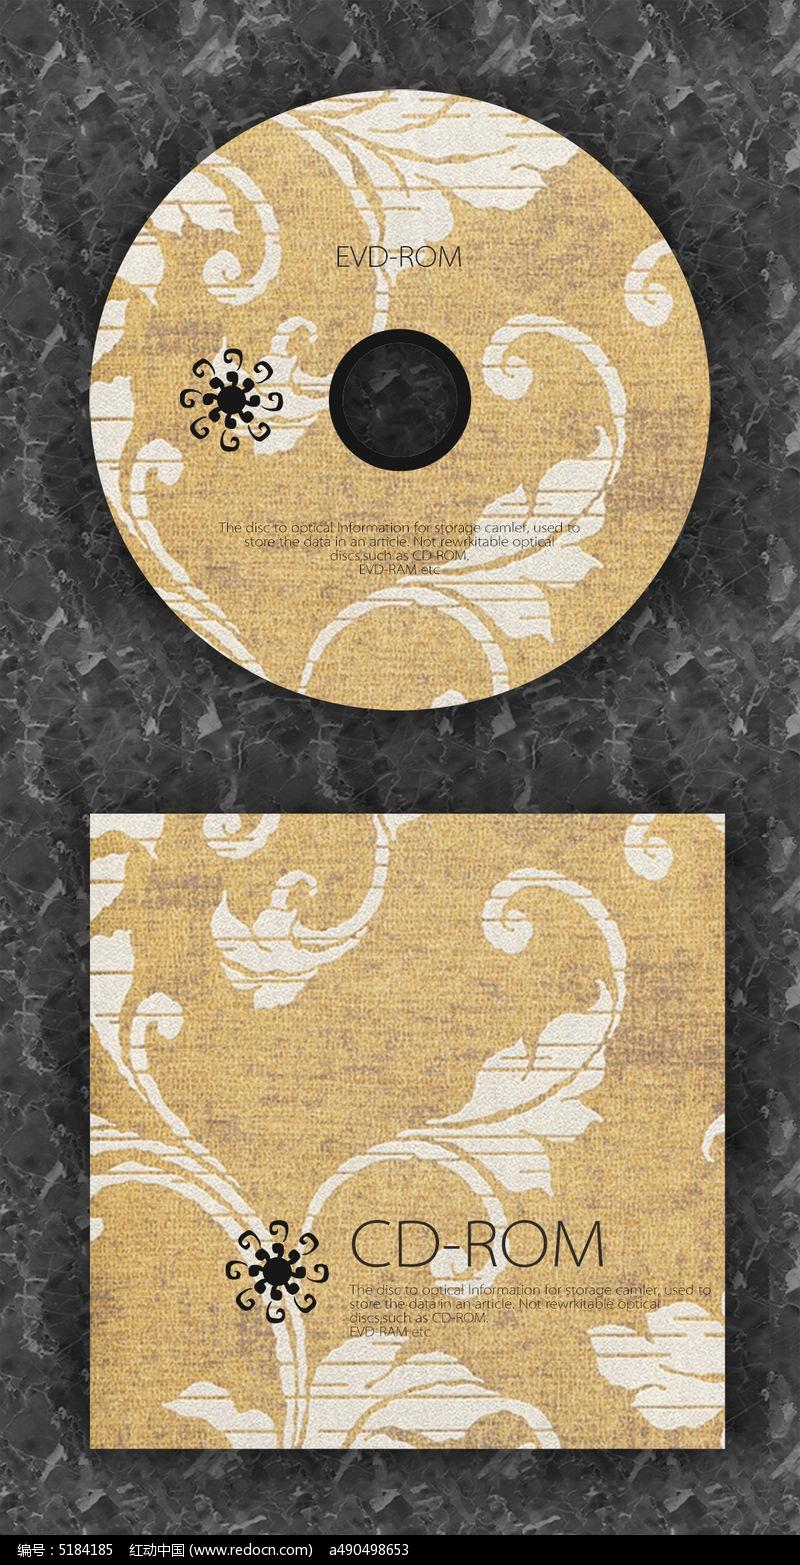 复古质感时尚cd光盘设计图片